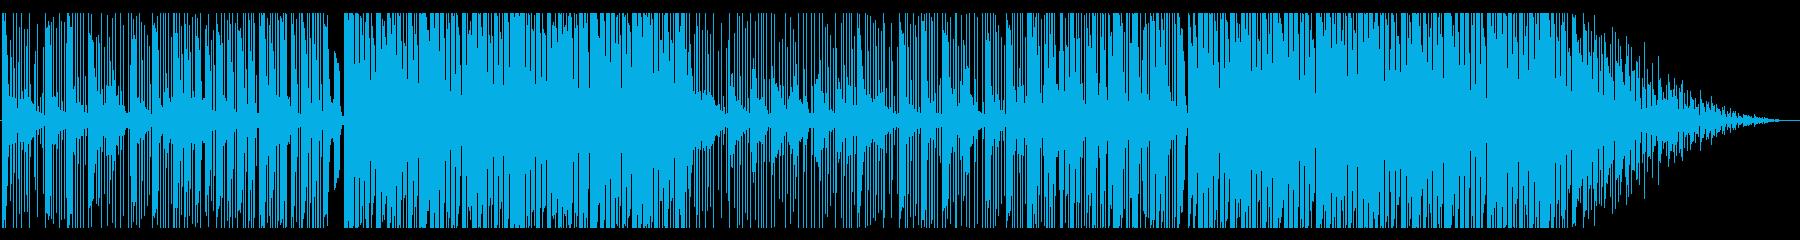 浮遊感/優しさ_No417の再生済みの波形